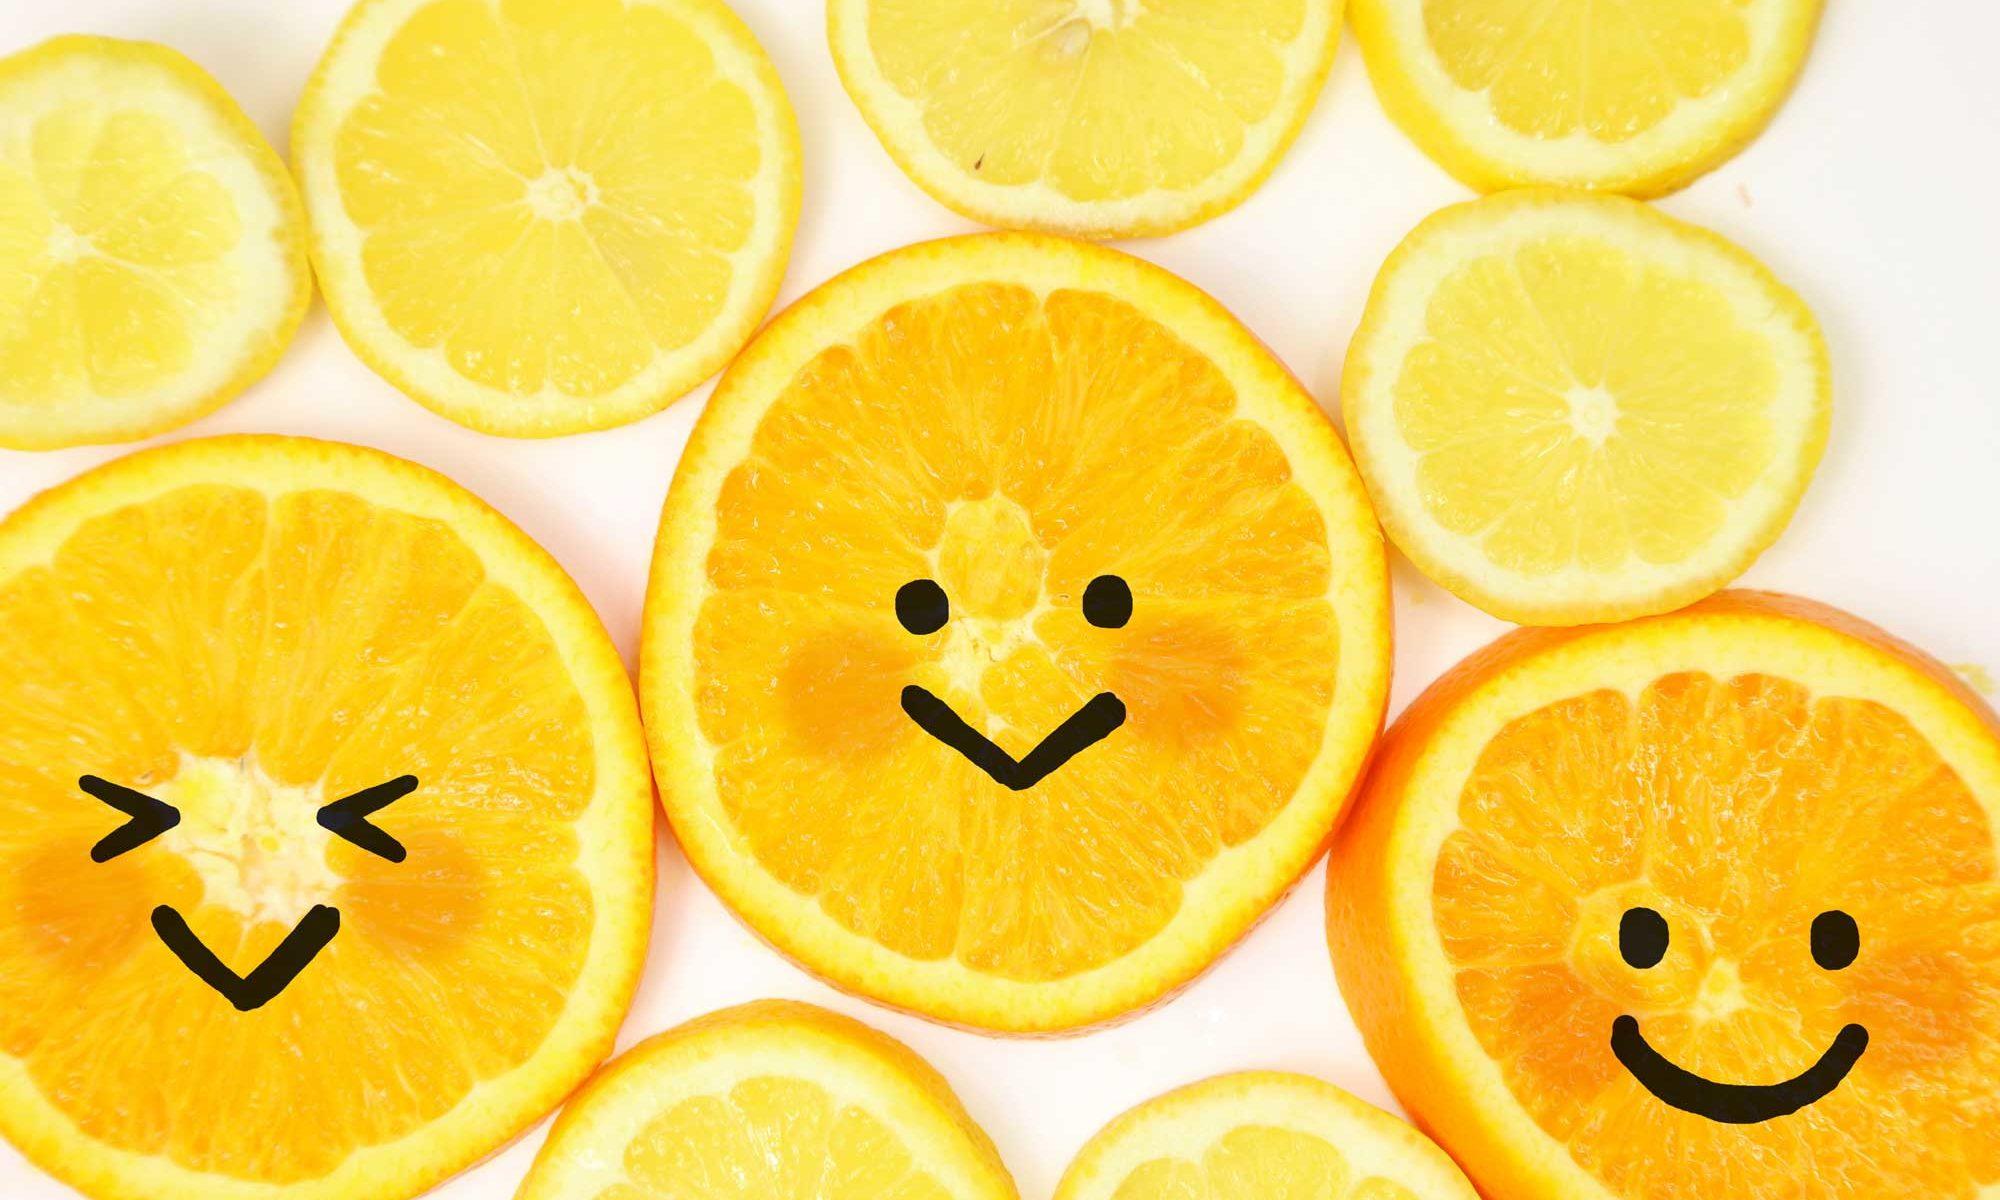 果物のオレンジに笑顔の画像